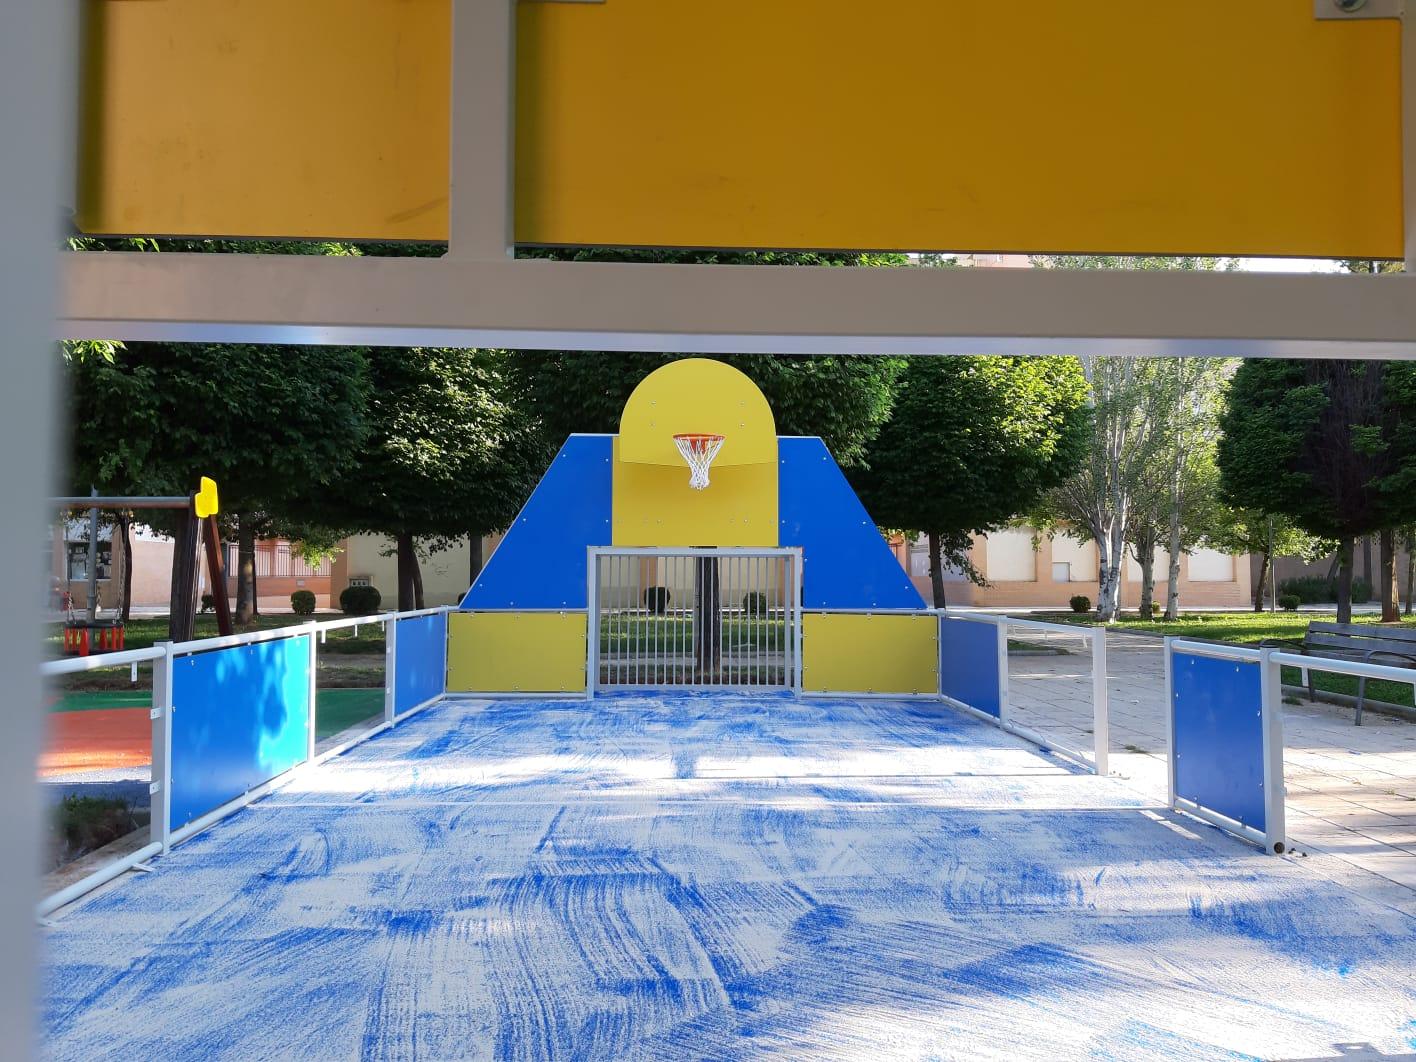 instalaciones deportivas con cesped artificial